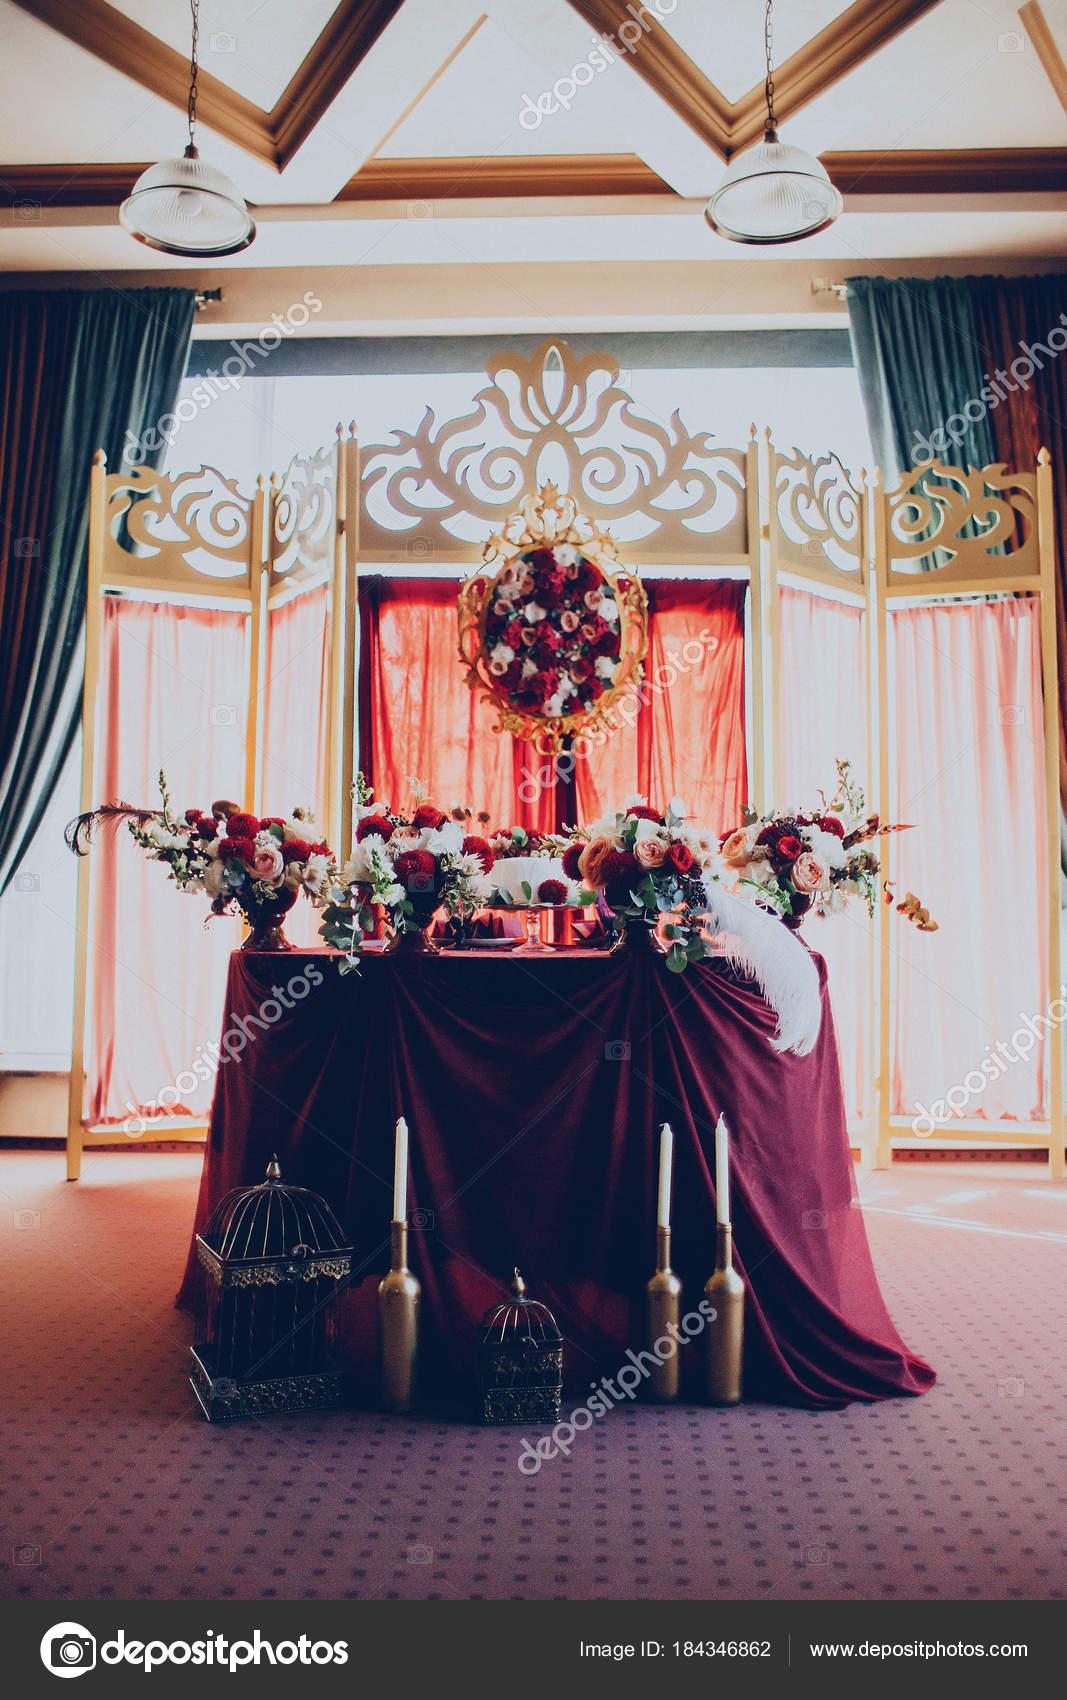 Vyzdoba Svatebni Restaurace V Kastanove Barve S Kvetinami Stock